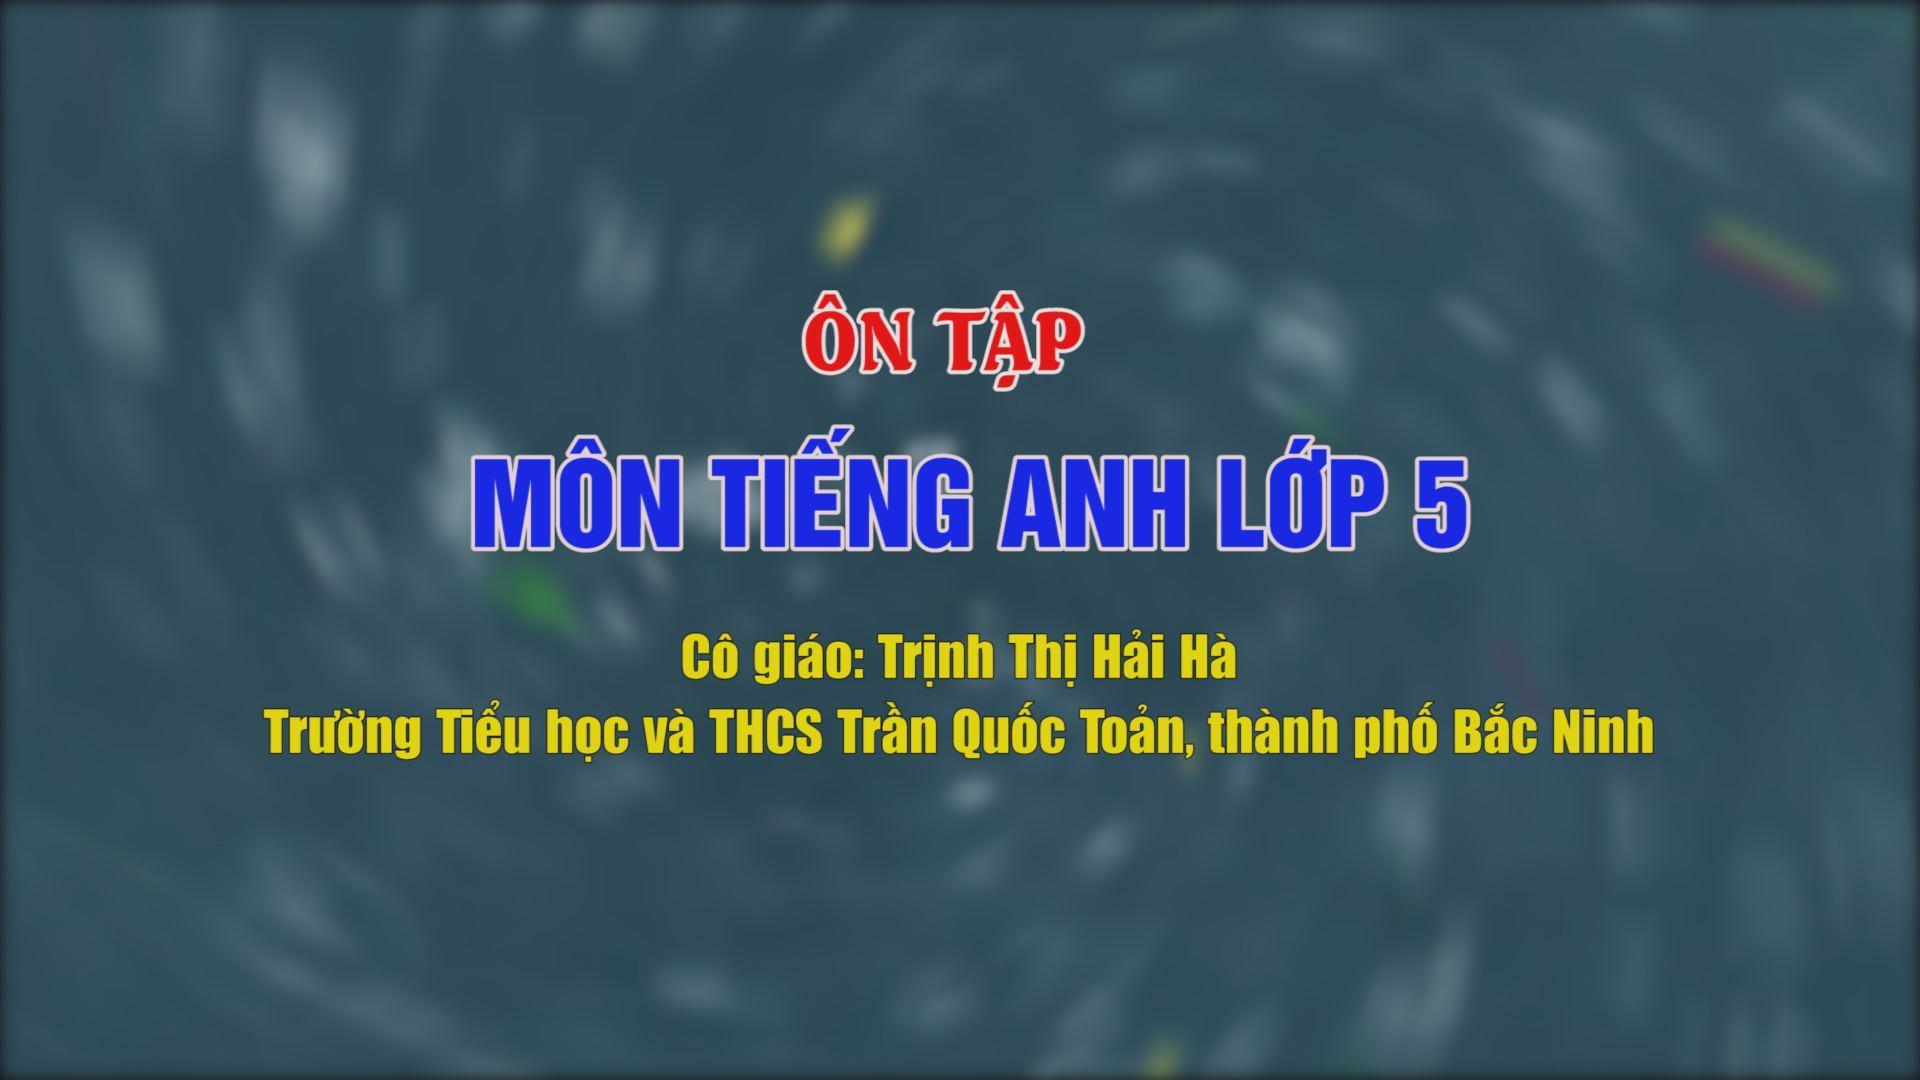 Kỷ niệm 65 năm ngày truyền thống ngành phát thanh truyền hình Bắc Ninh